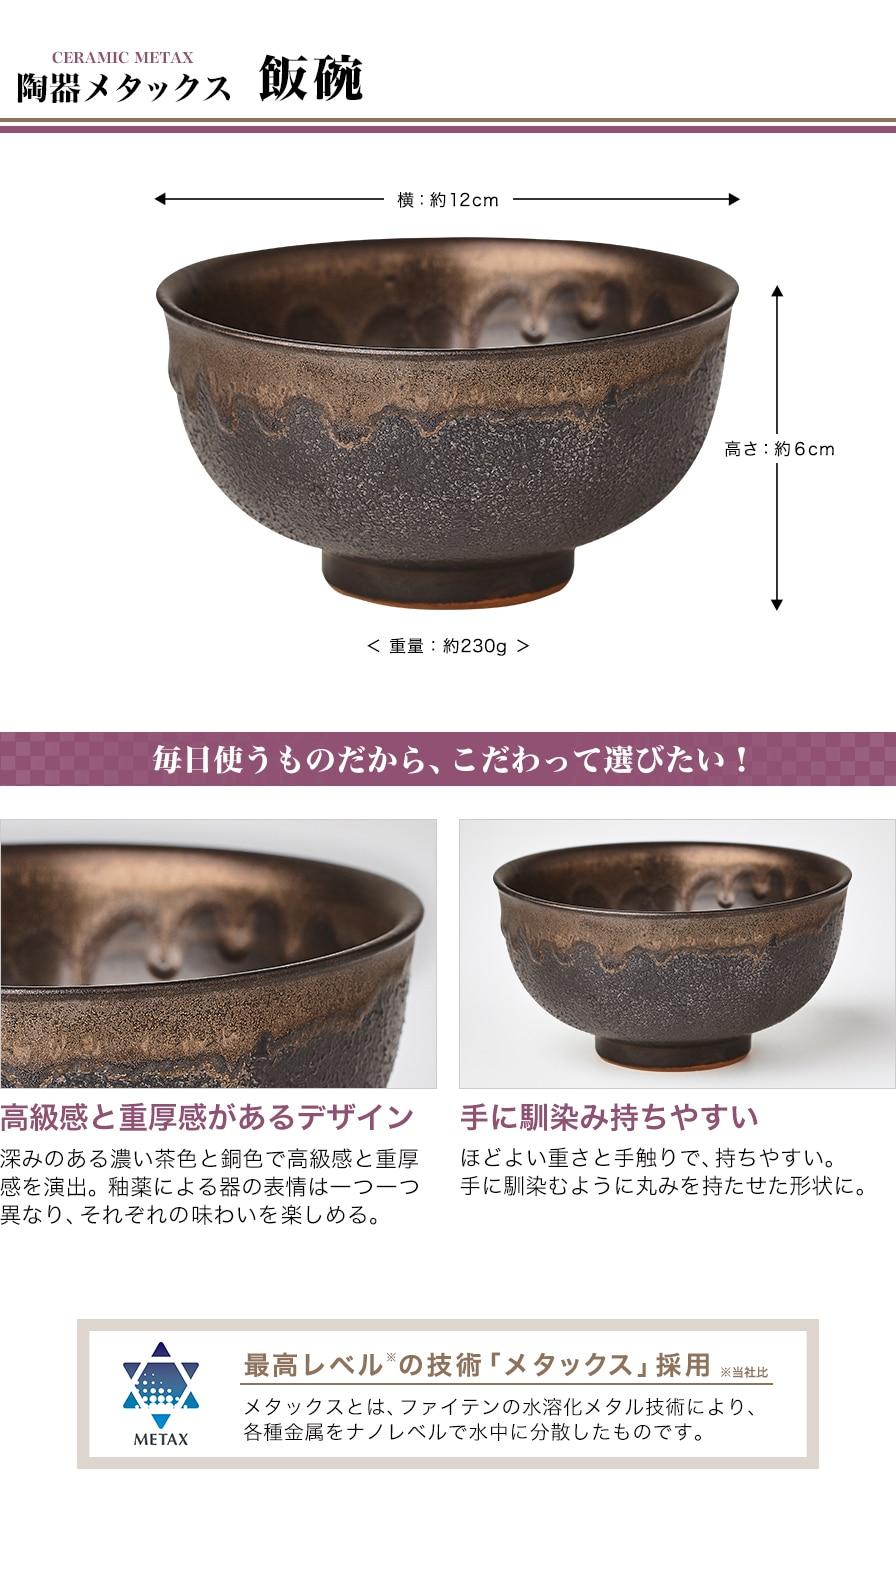 メタックス陶器